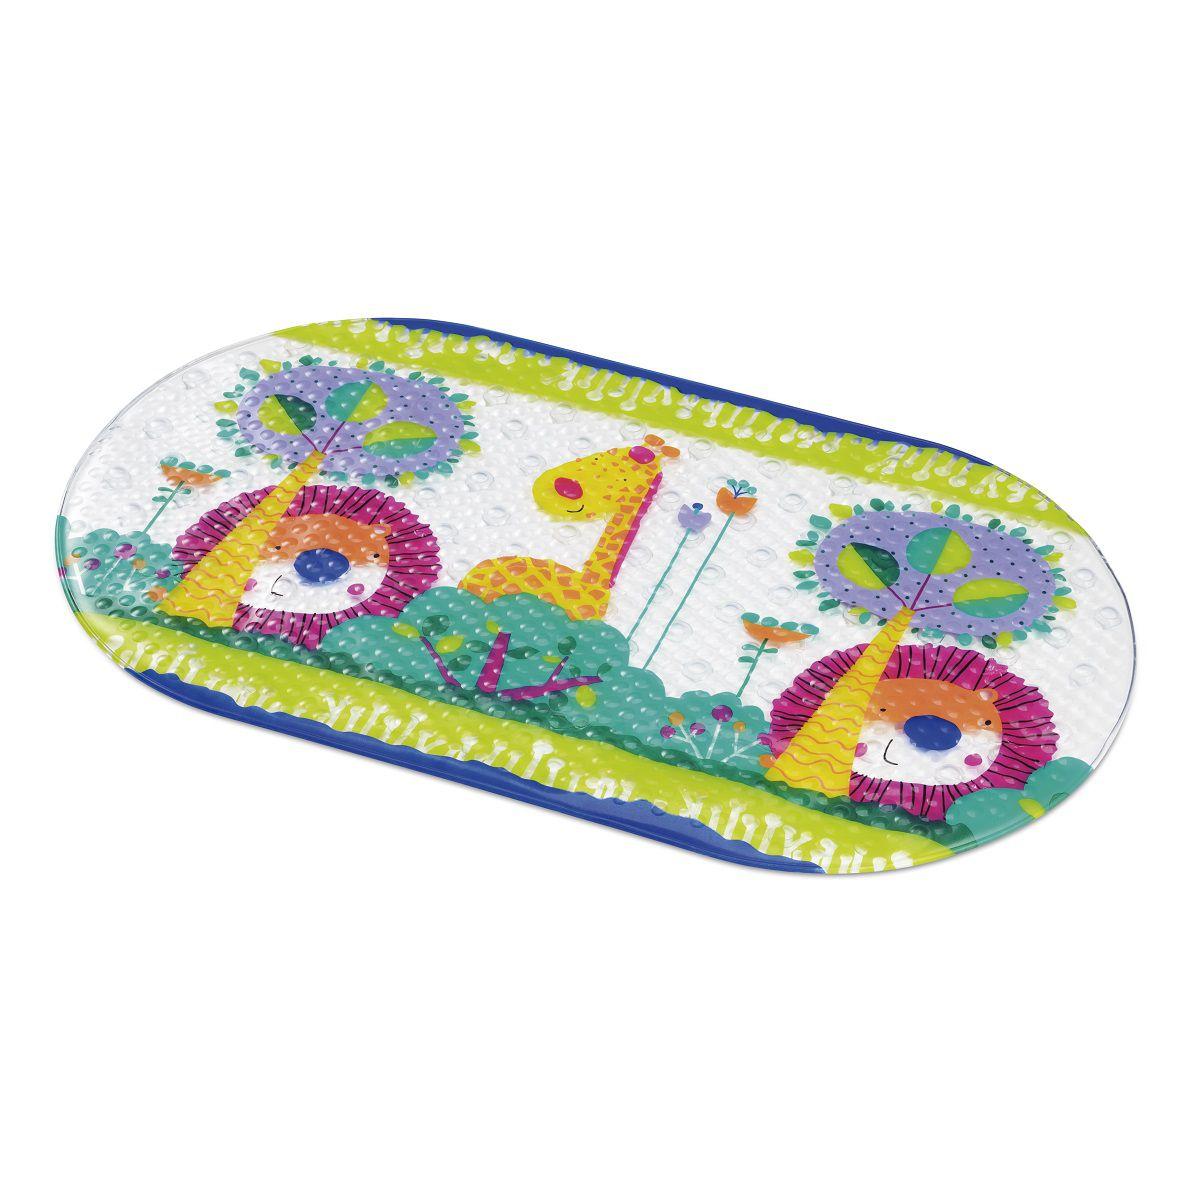 Tapete para Banho Antiderrapante Infantil Safe Bath- Multikids